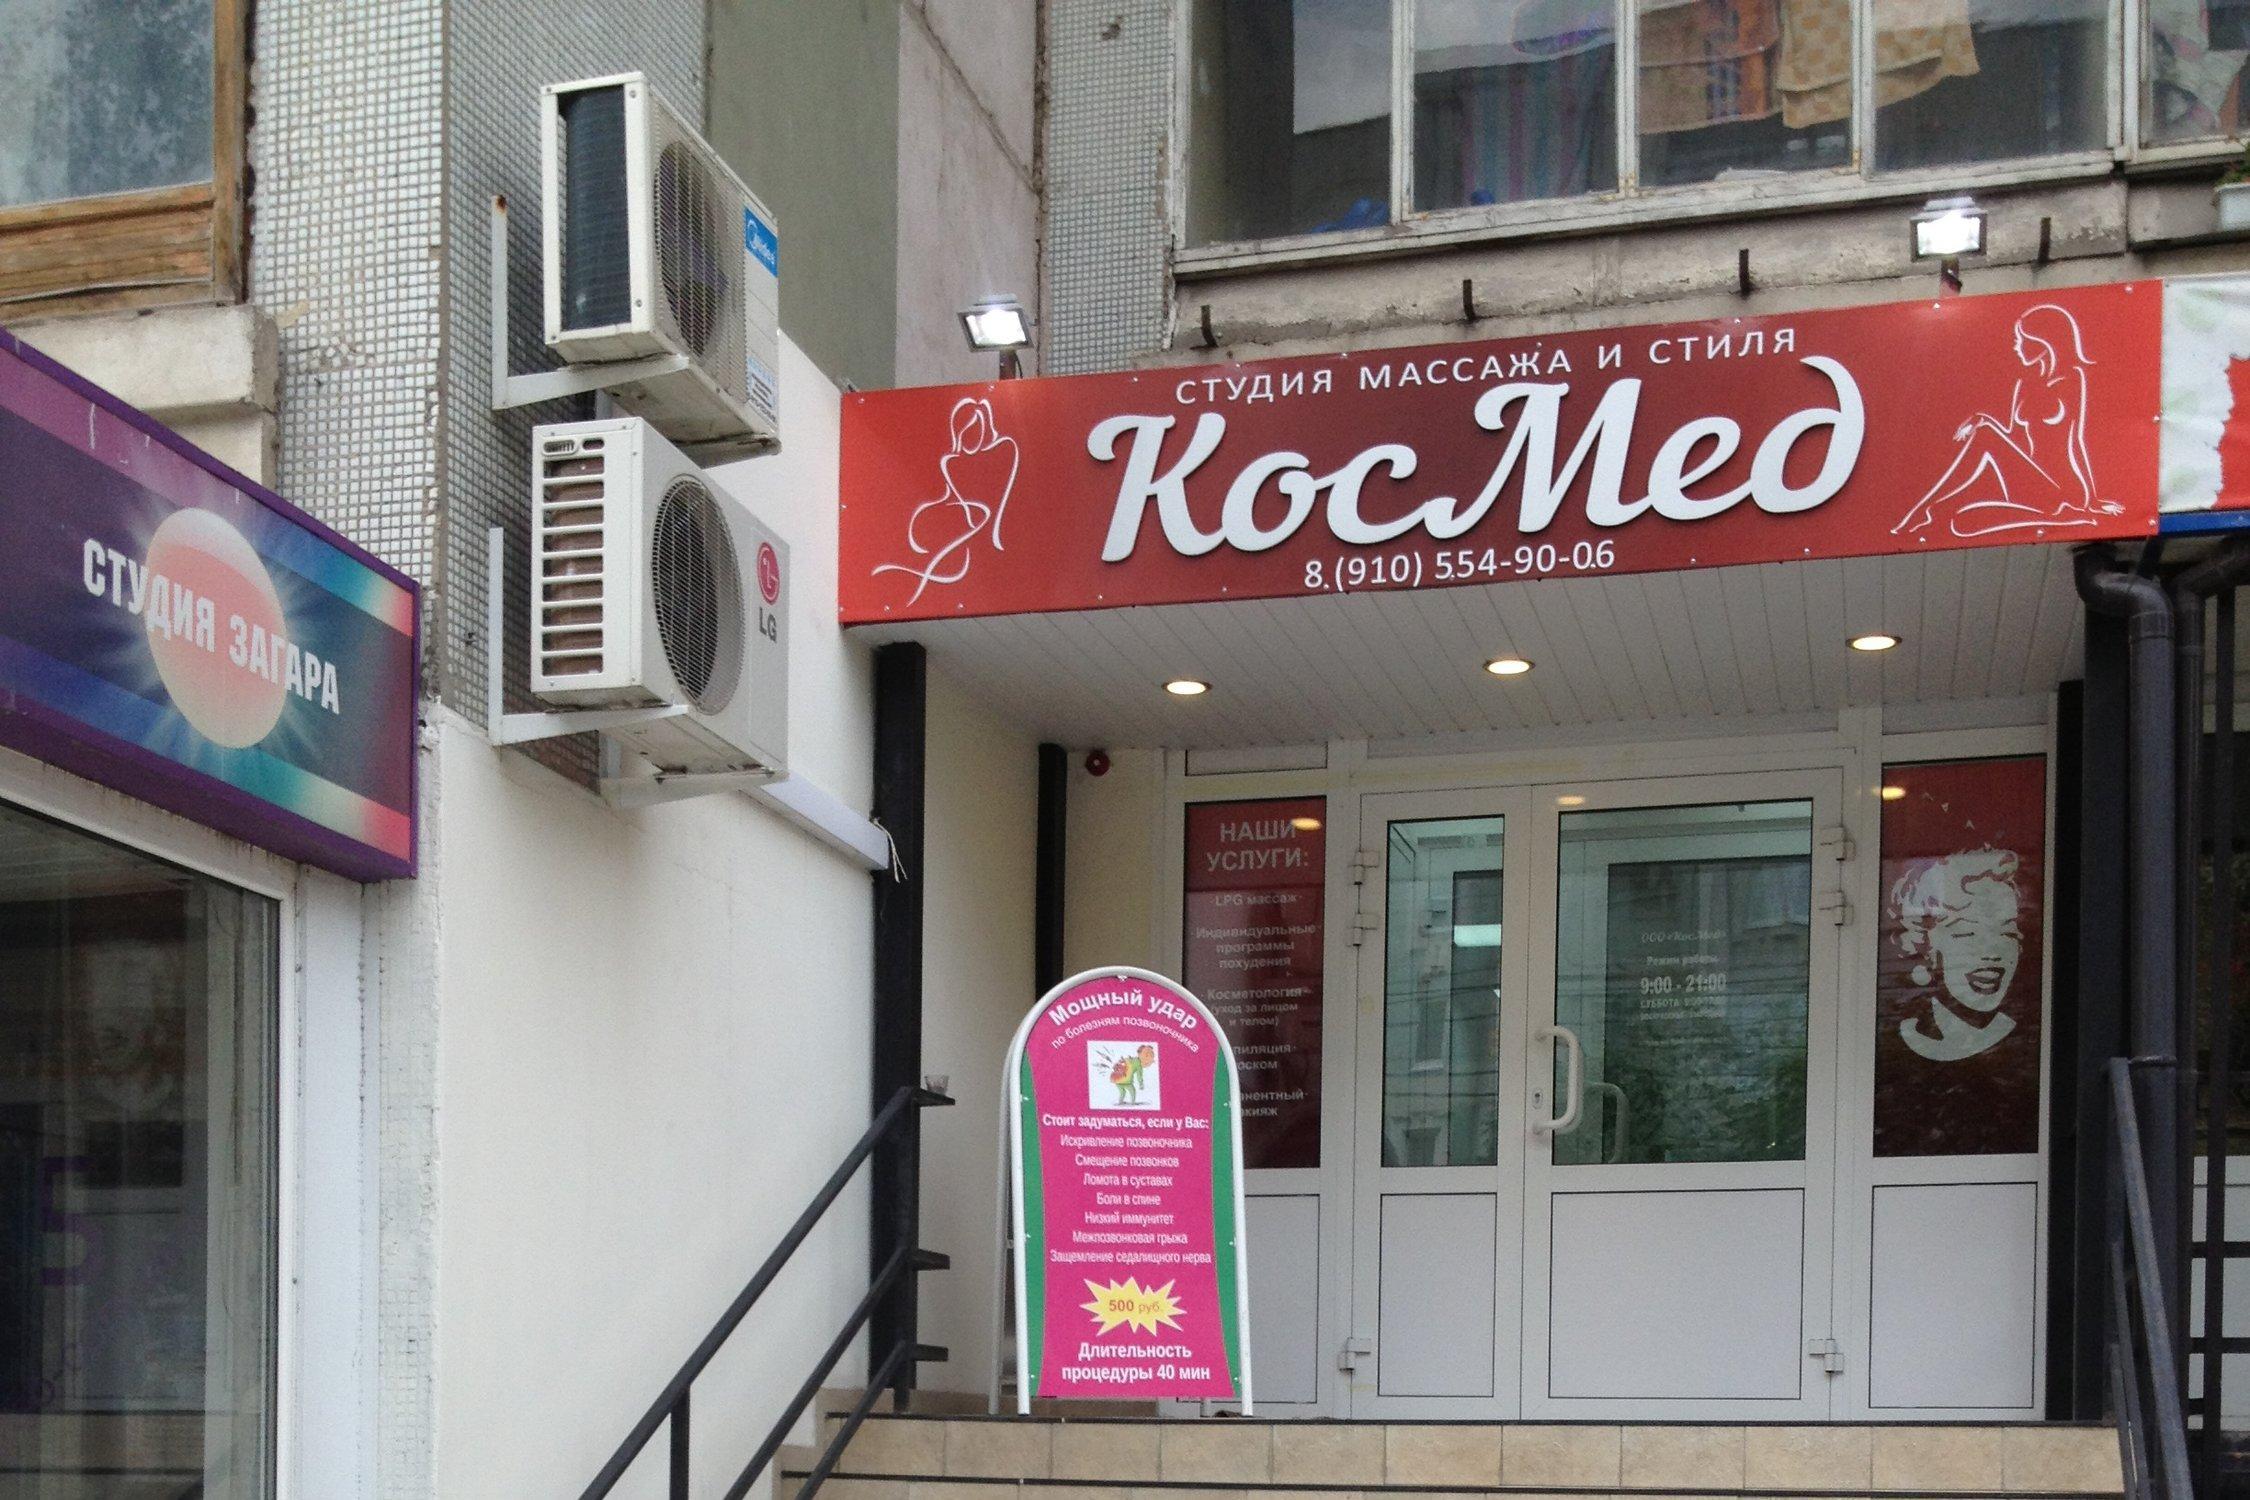 фотография Центра косметологии и медицины КосМед